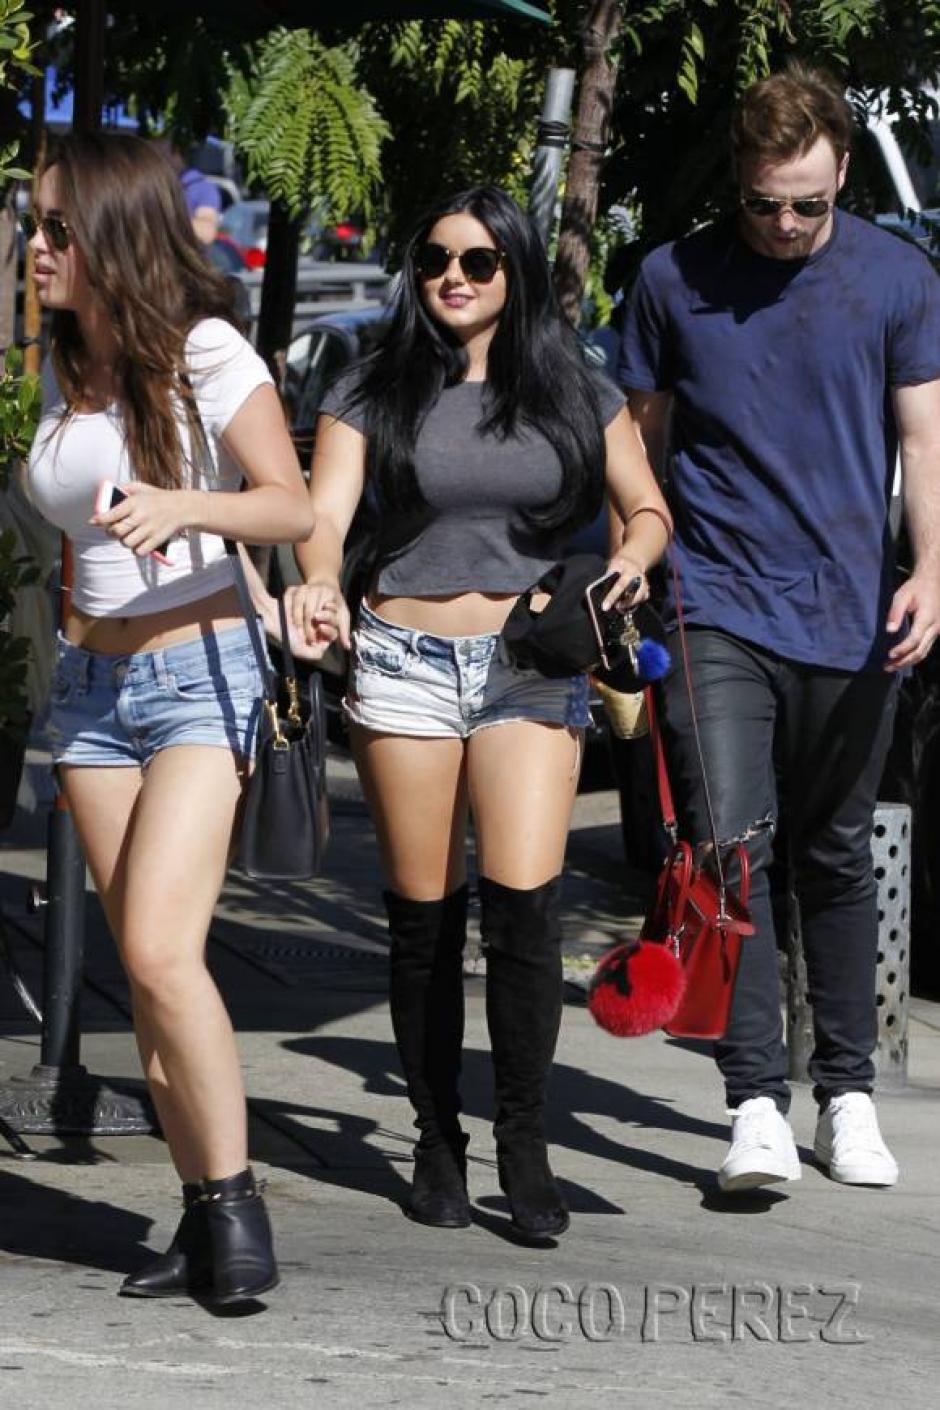 Los pantaloncillos de la joven actriz y sus botas fueron el centro de atención. (Foto: Perez Hilton)